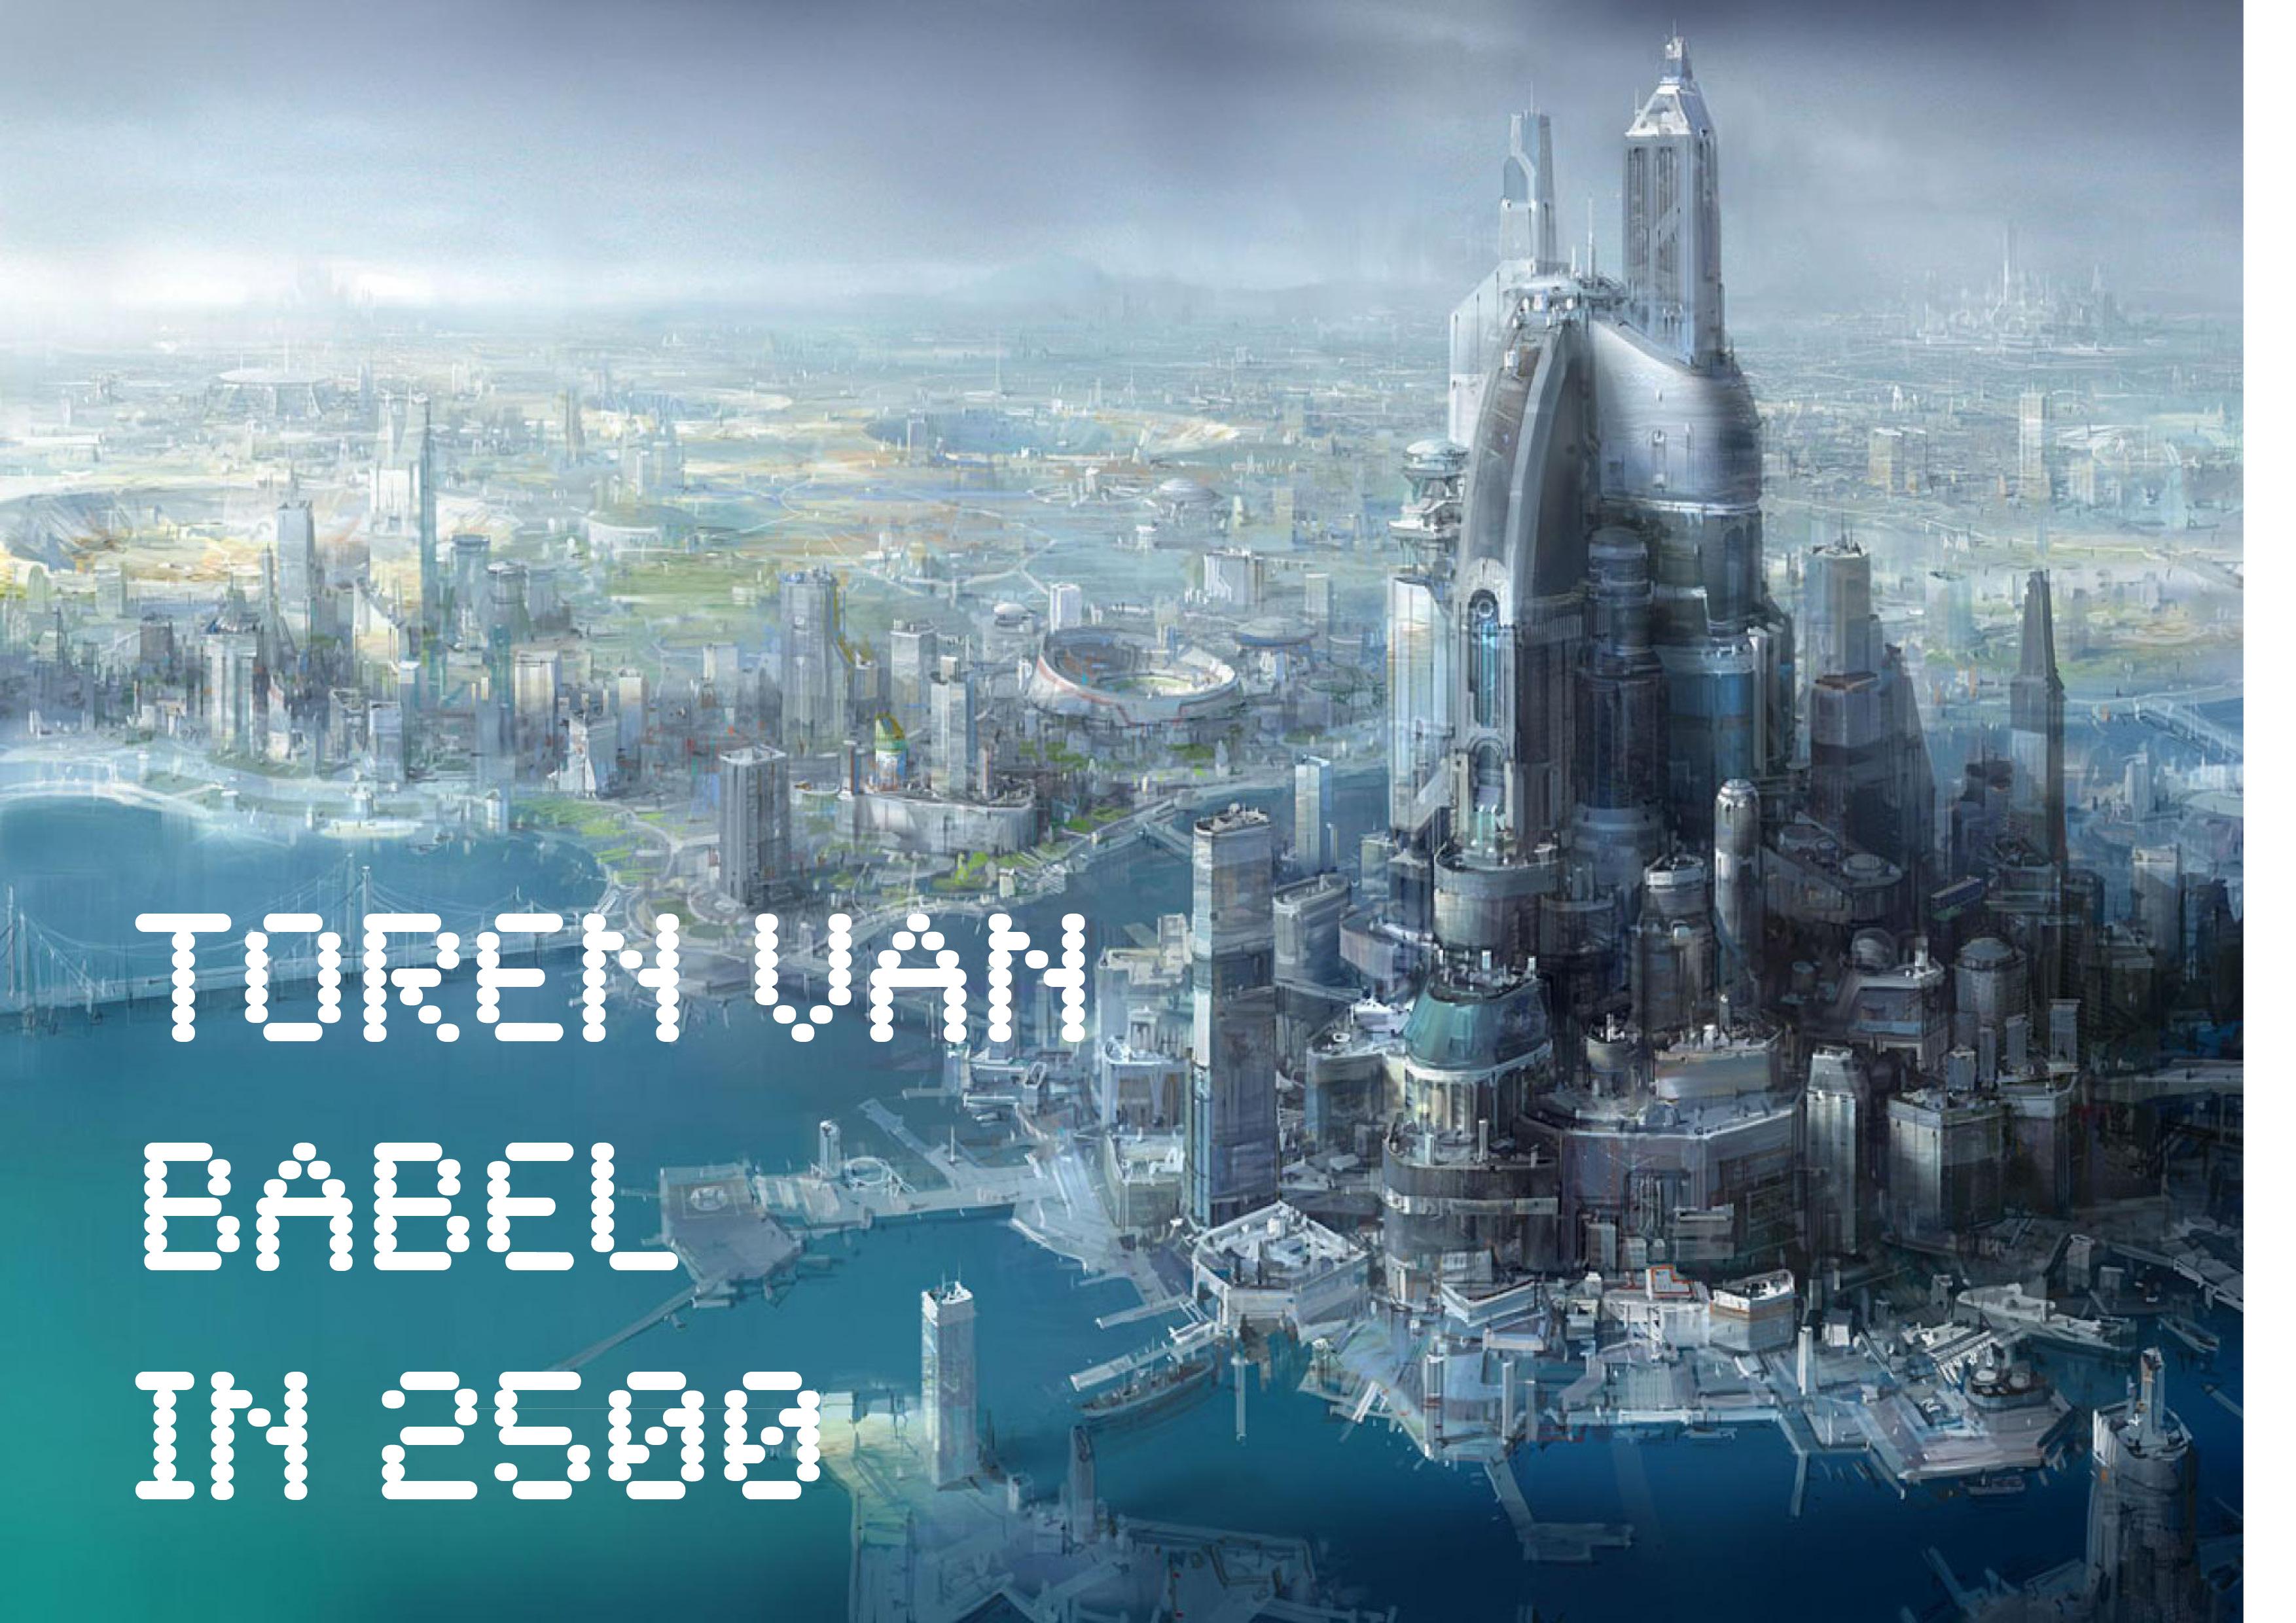 Toren van Babel in 2500